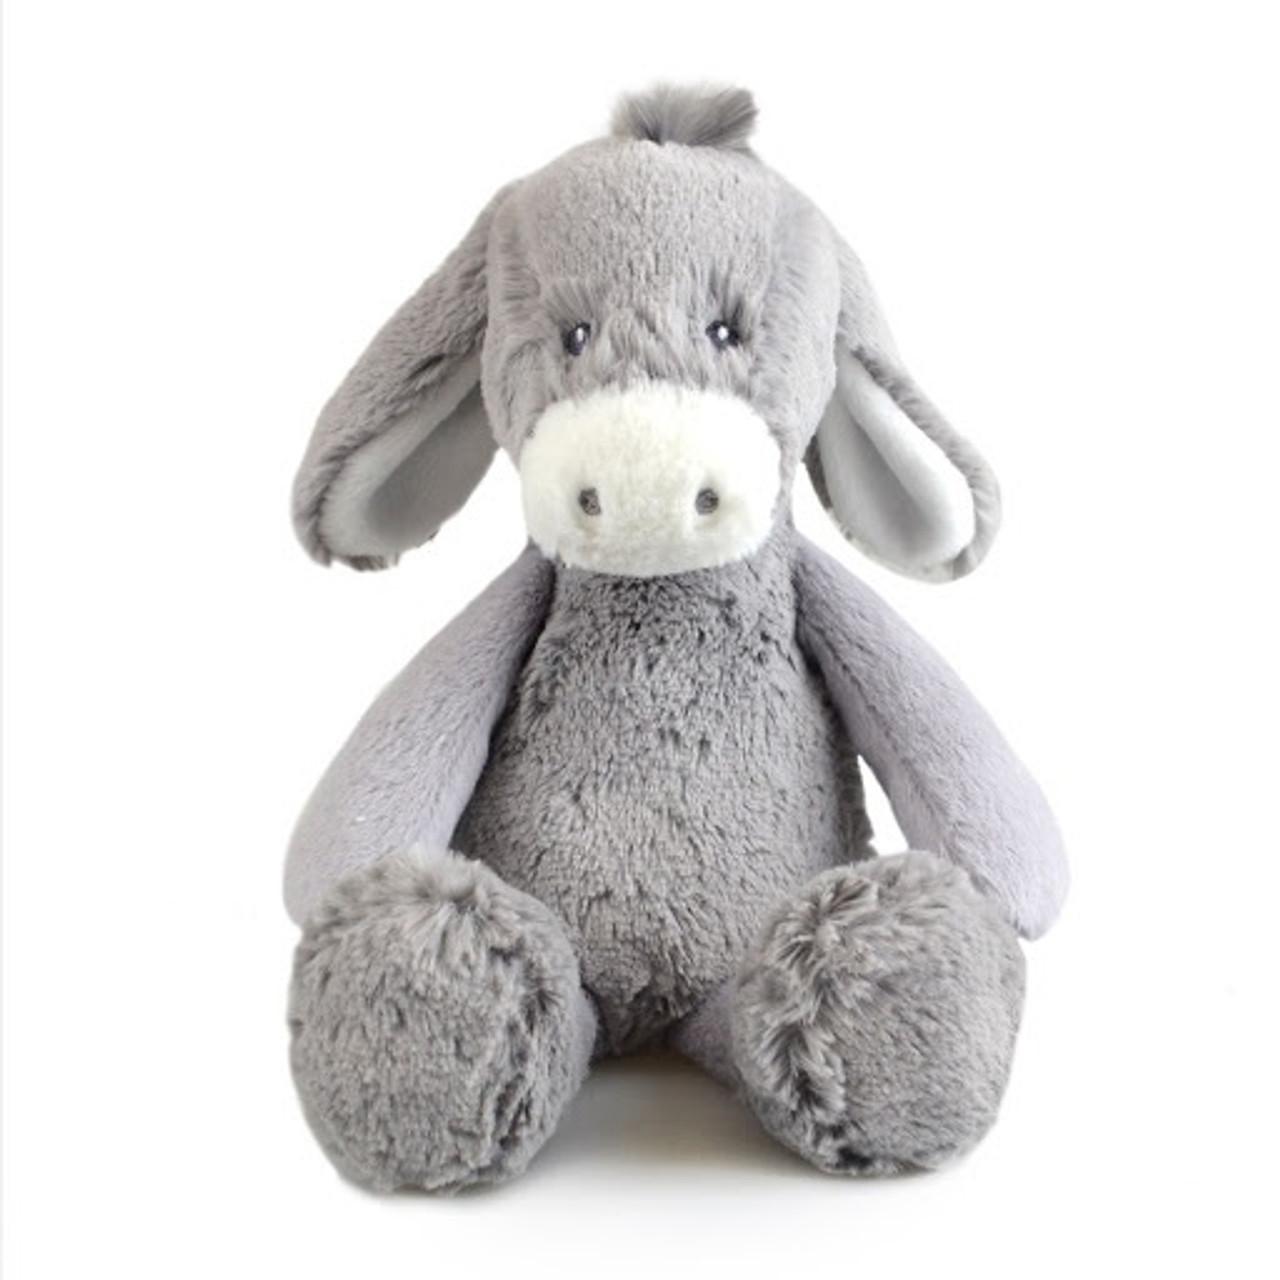 Korimco Frankie and Friends Plush Toy 28 cm - Donkey